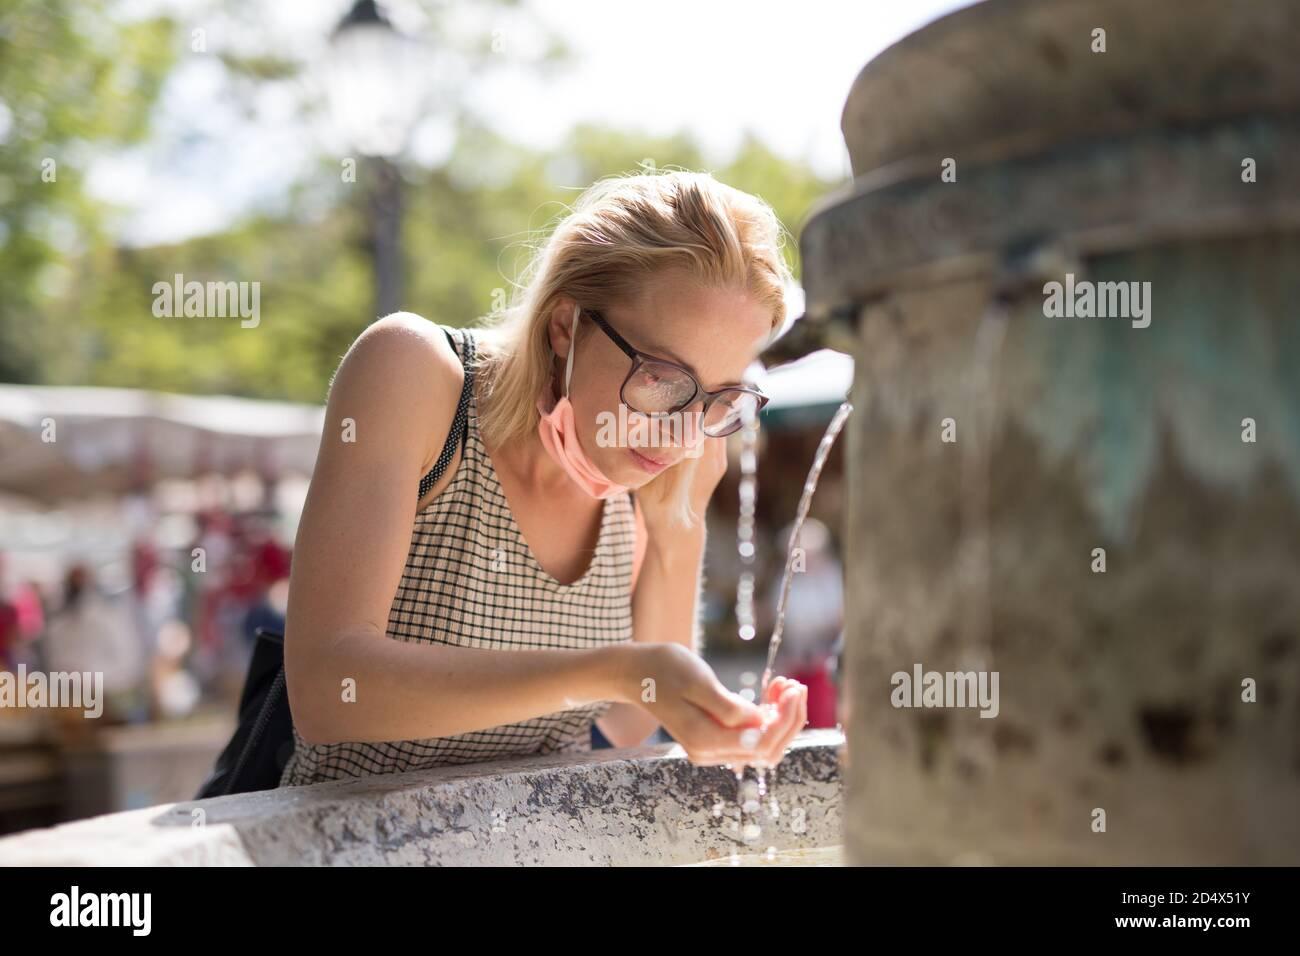 Une jeune femme cucasienne décontractée assoiffée portant un masque médical pour boire de l'eau de la fontaine publique de la ville par une chaude journée d'été. Nouvelles normes sociales pendant Banque D'Images